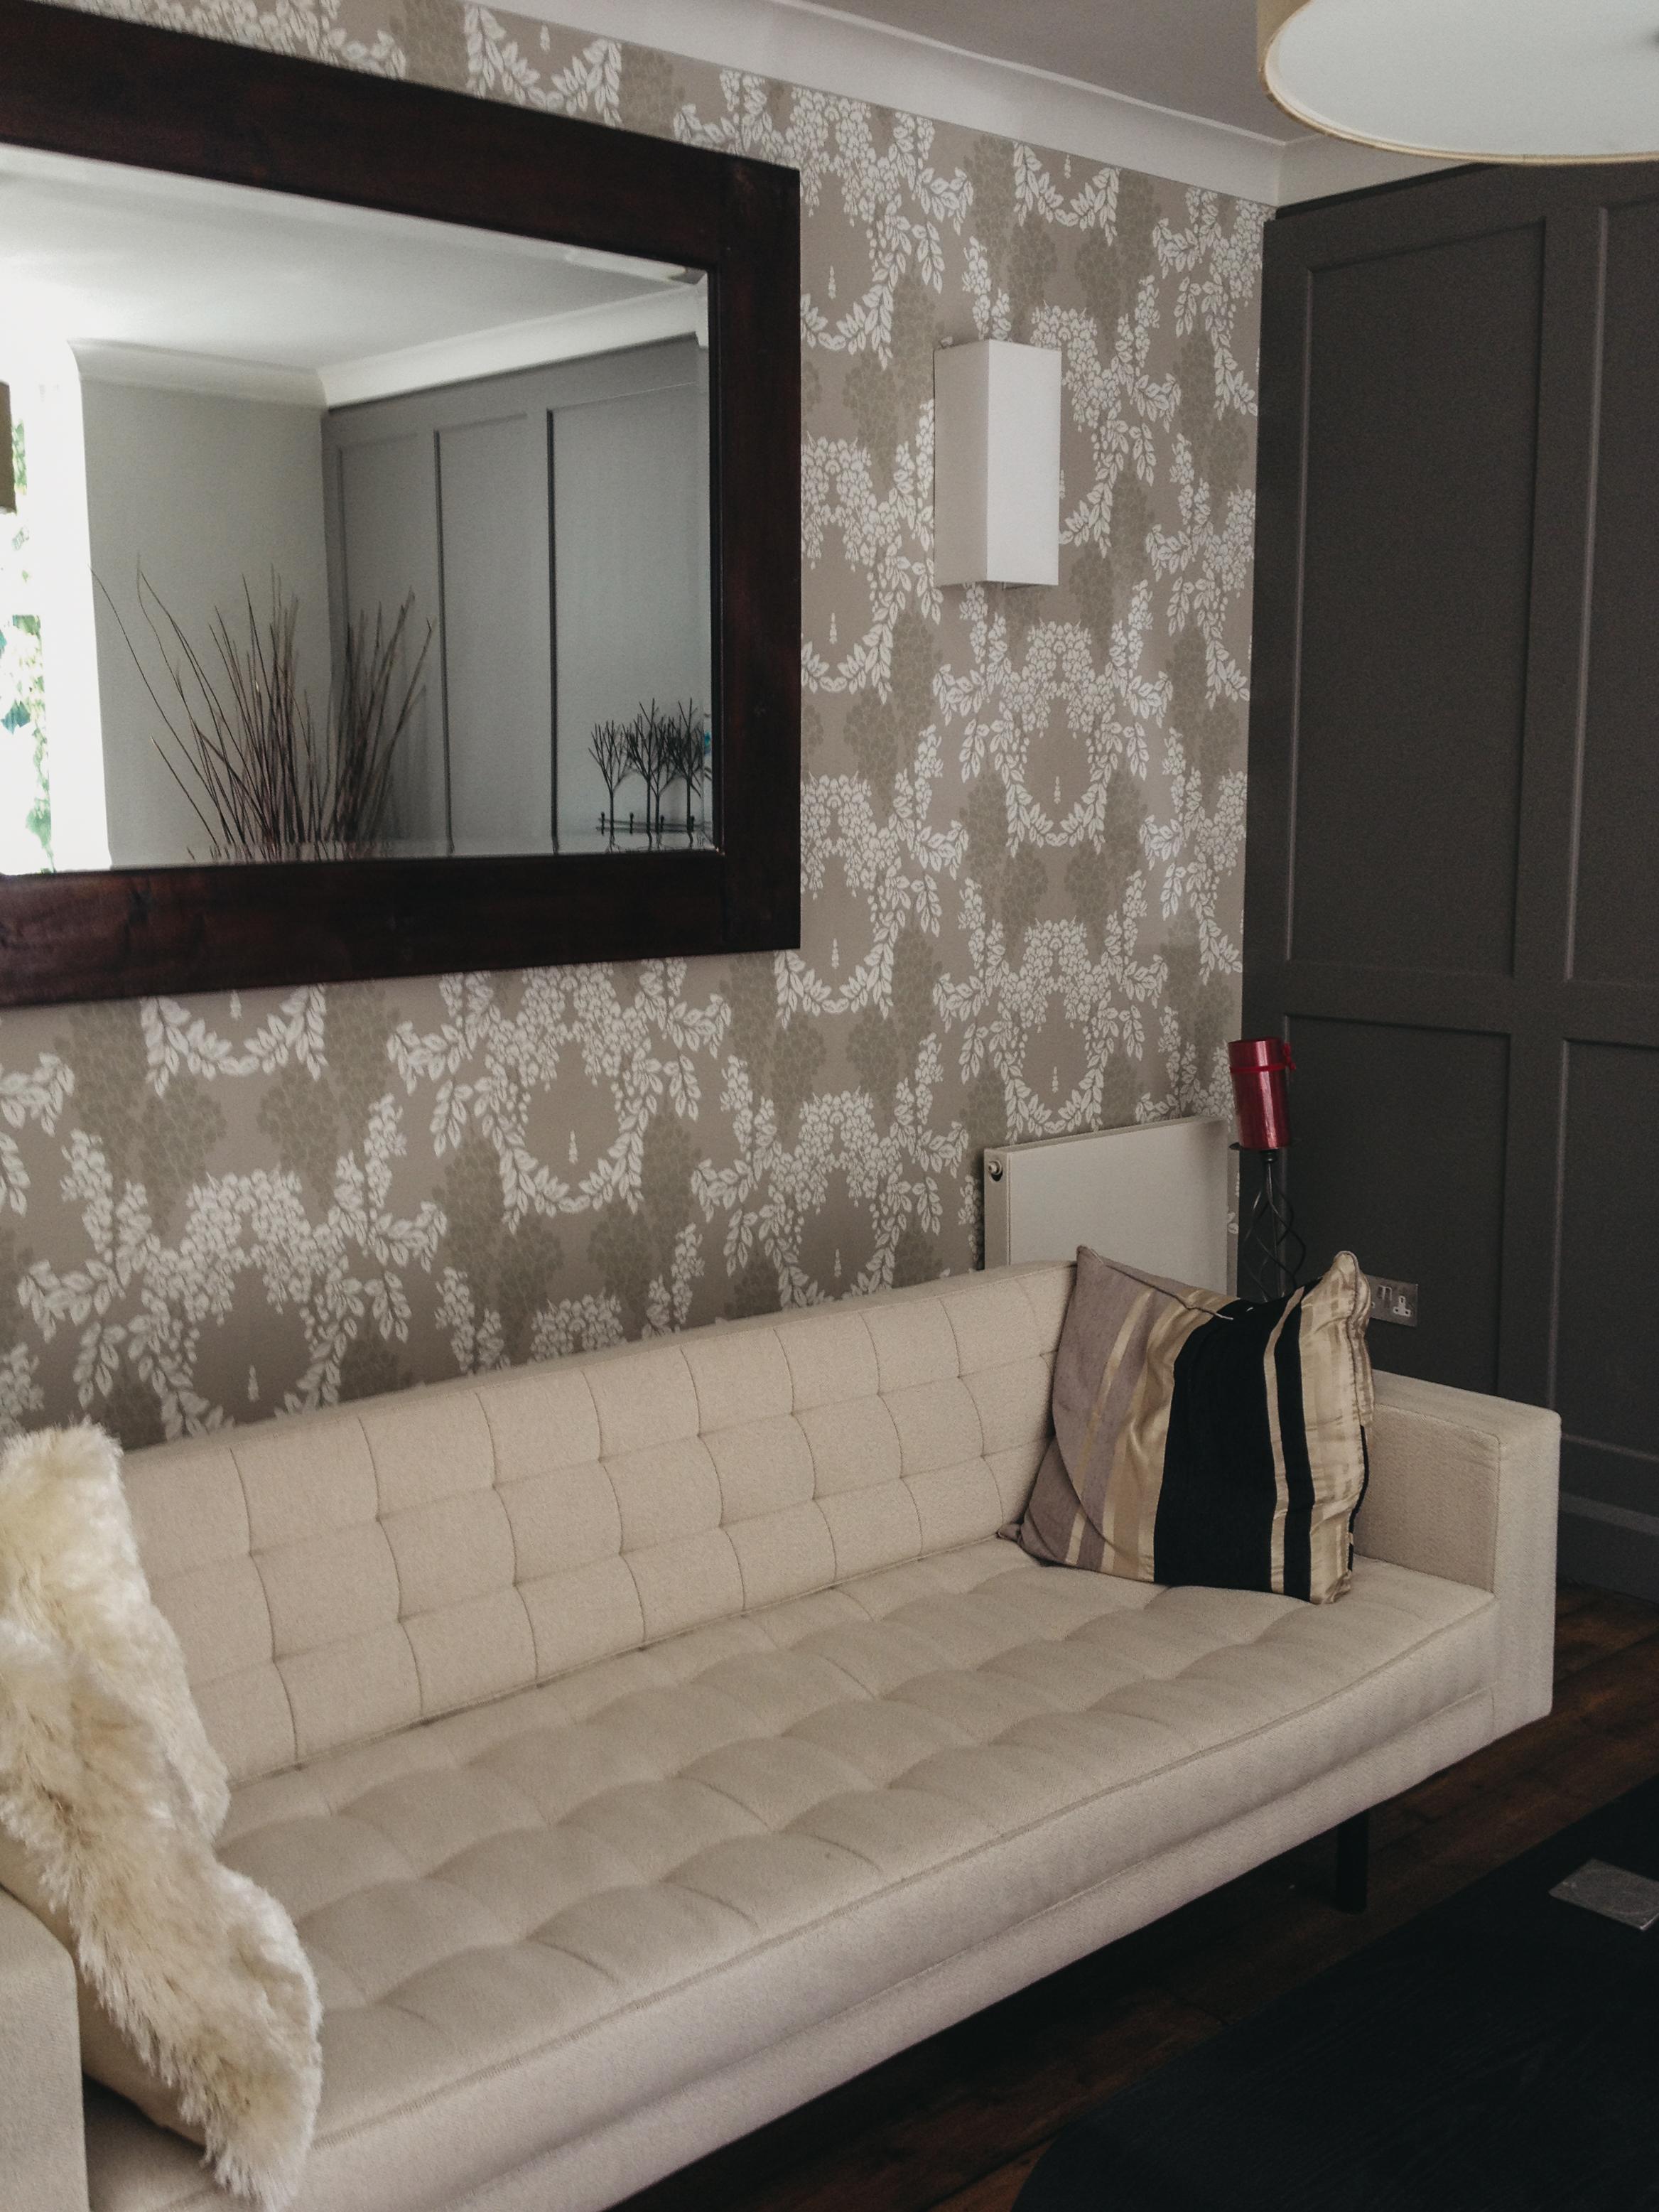 Interior wallpapering